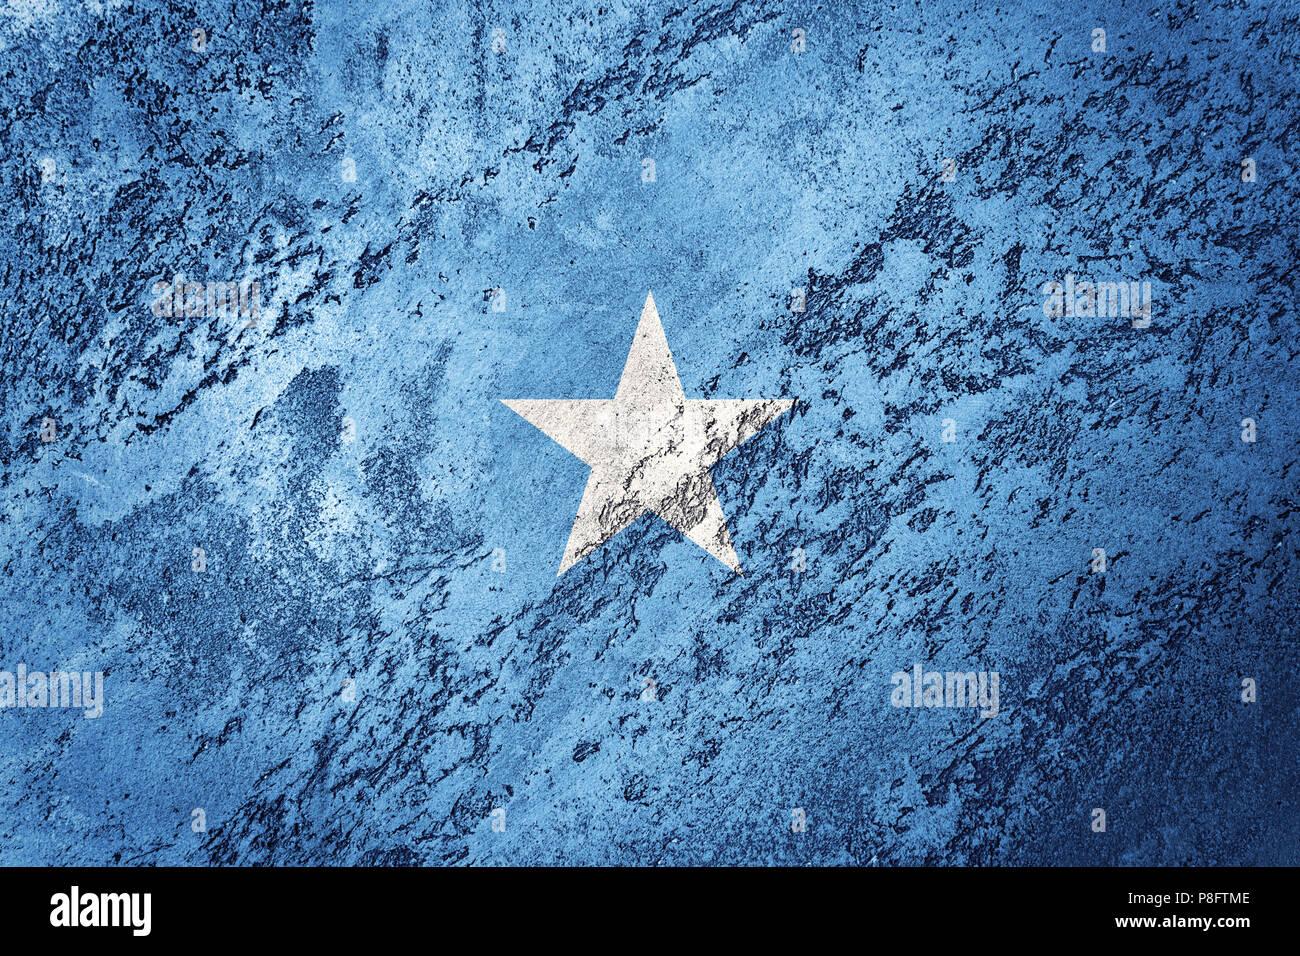 Grunge Somalia flag. Somalia flag with grunge texture. - Stock Image